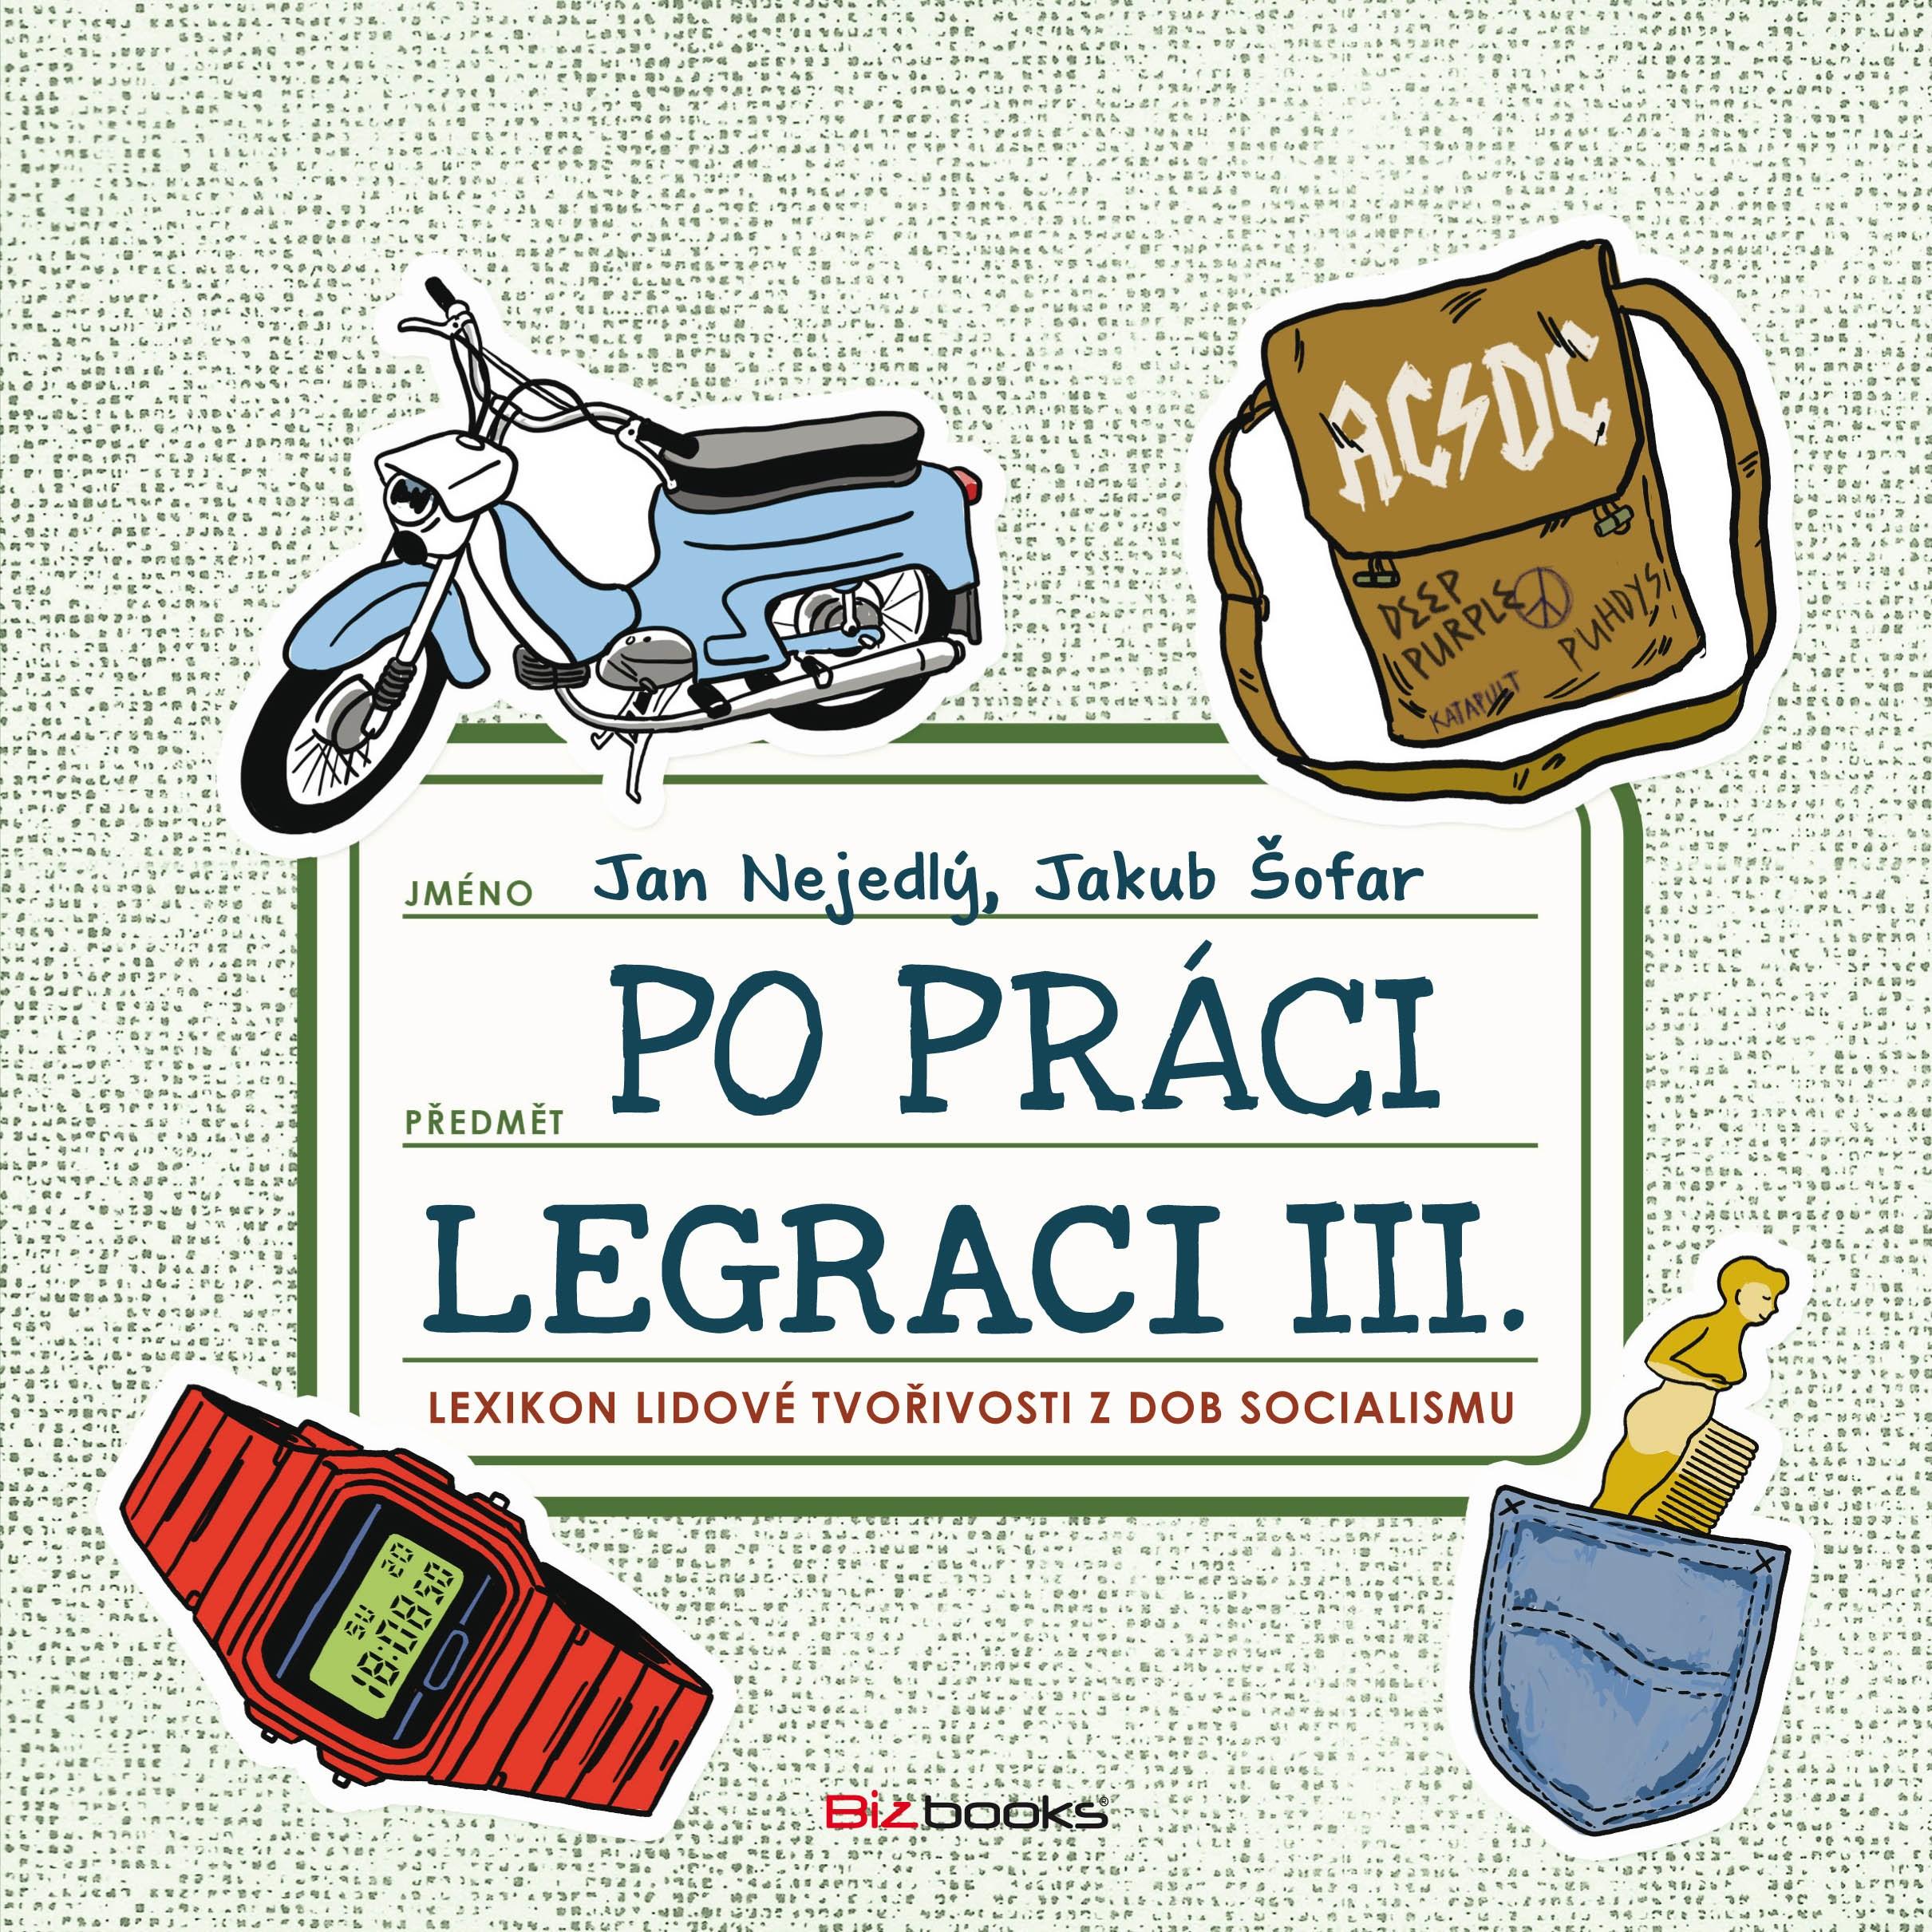 PO PRÁCI LEGRACI III.